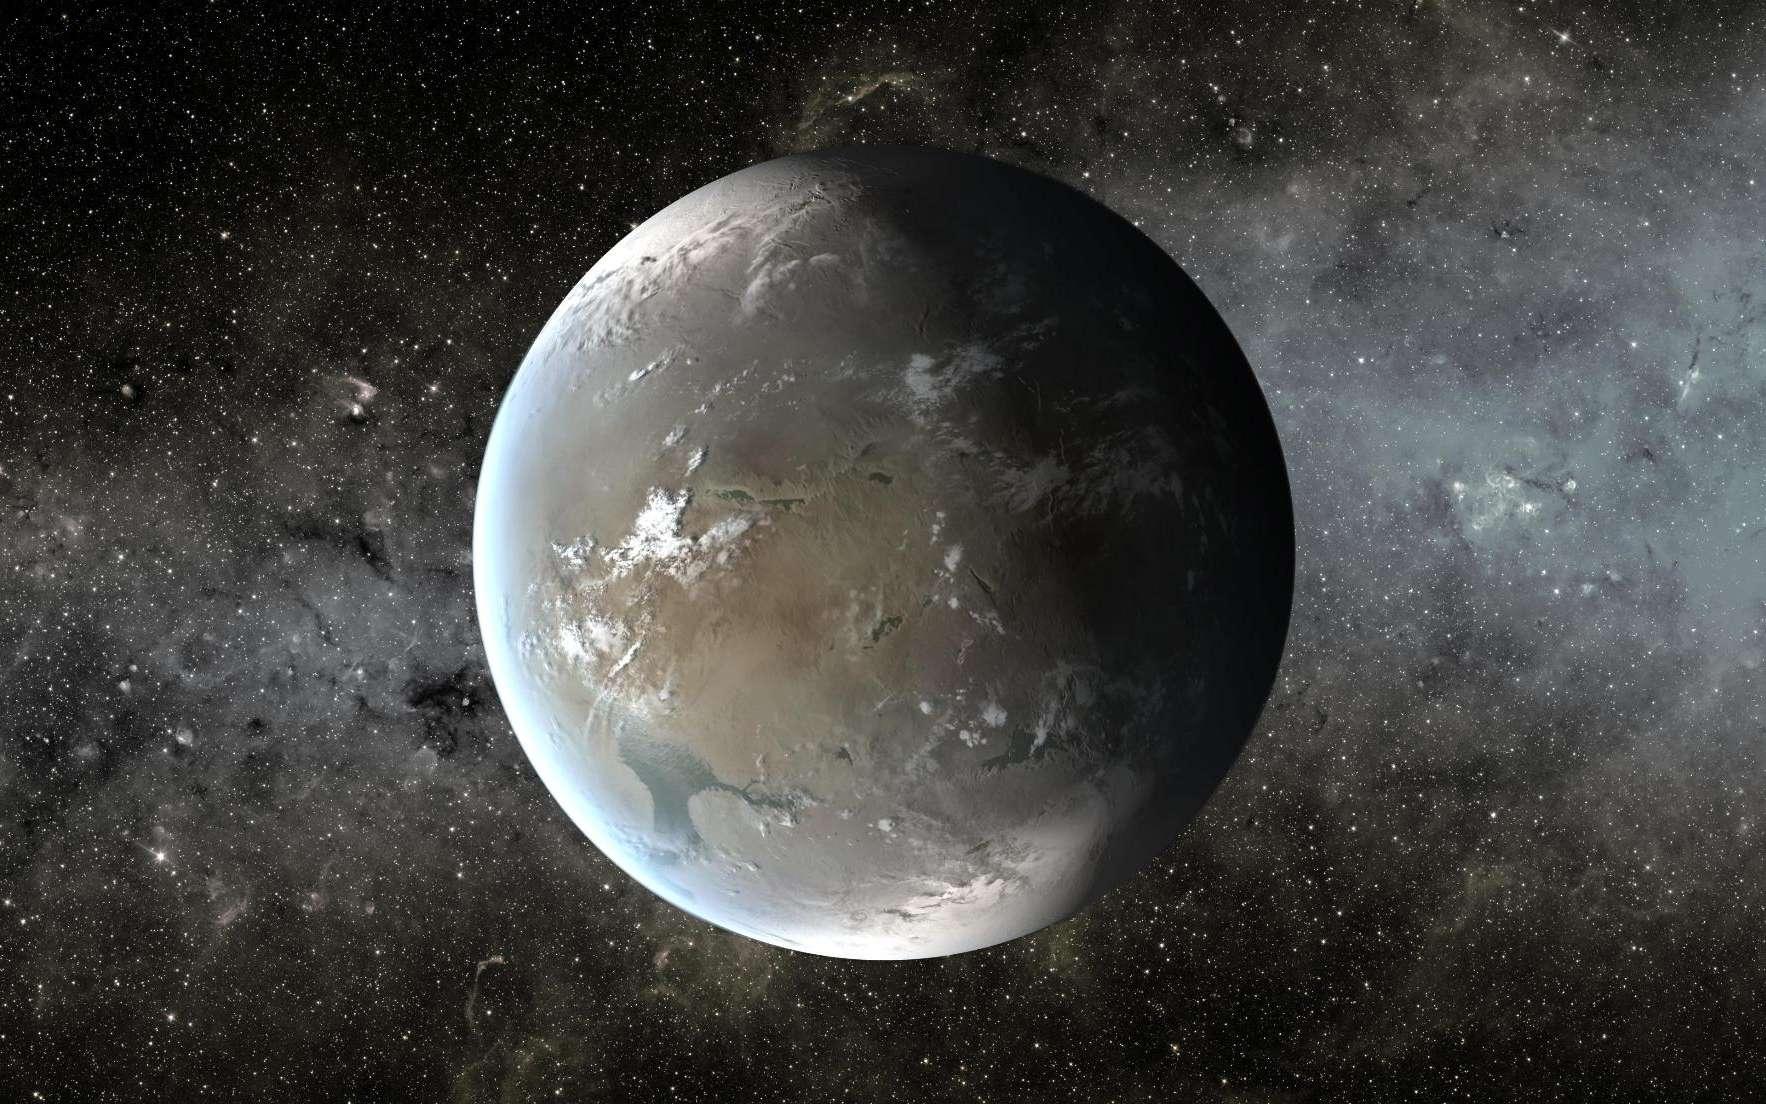 Une exoplanète susceptible d'abriter une civilisation E.T. © Nasa, Ames, JPL-Caltech